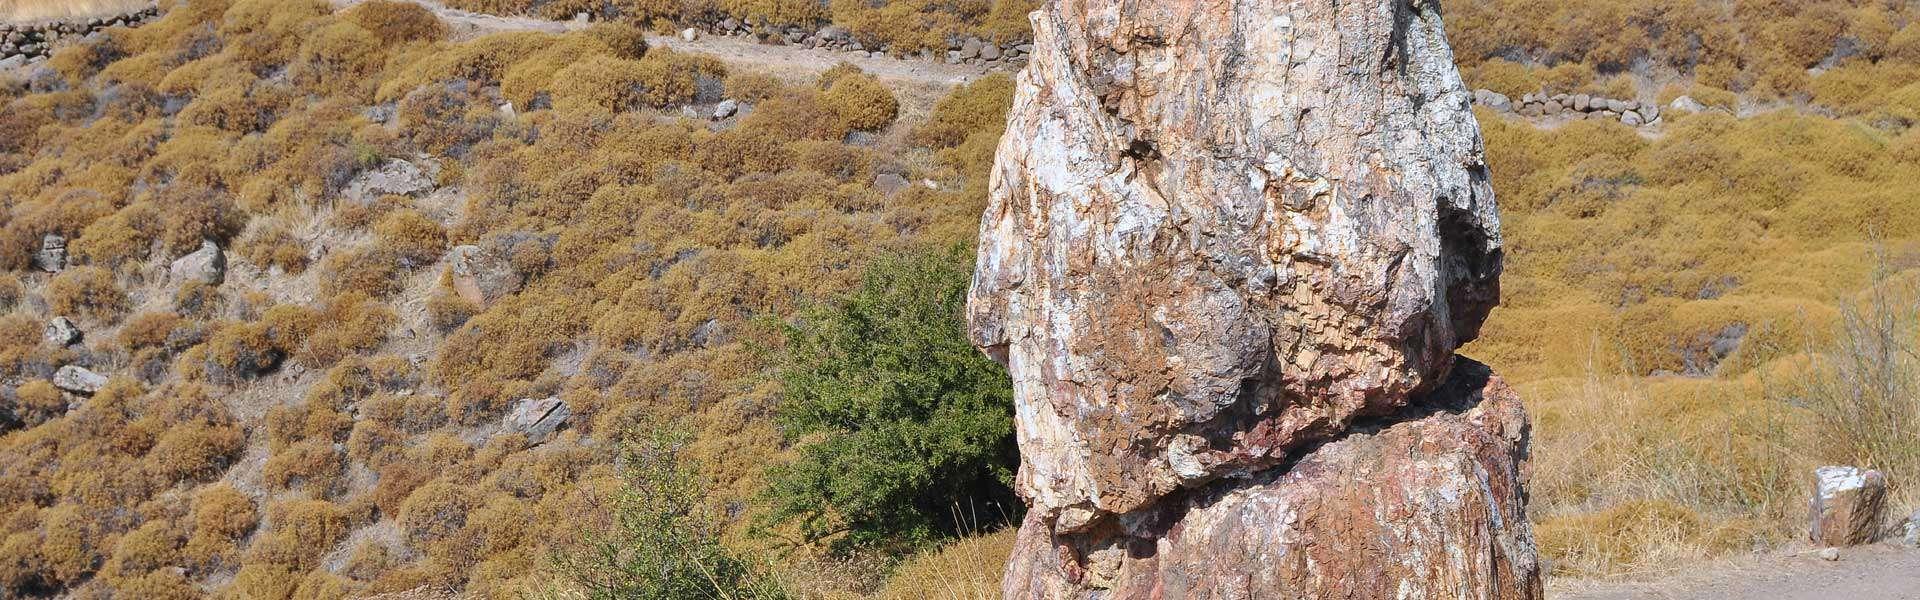 Natur außergwöhnlich erleben: Der Versteinerte Wald auf Lesbos